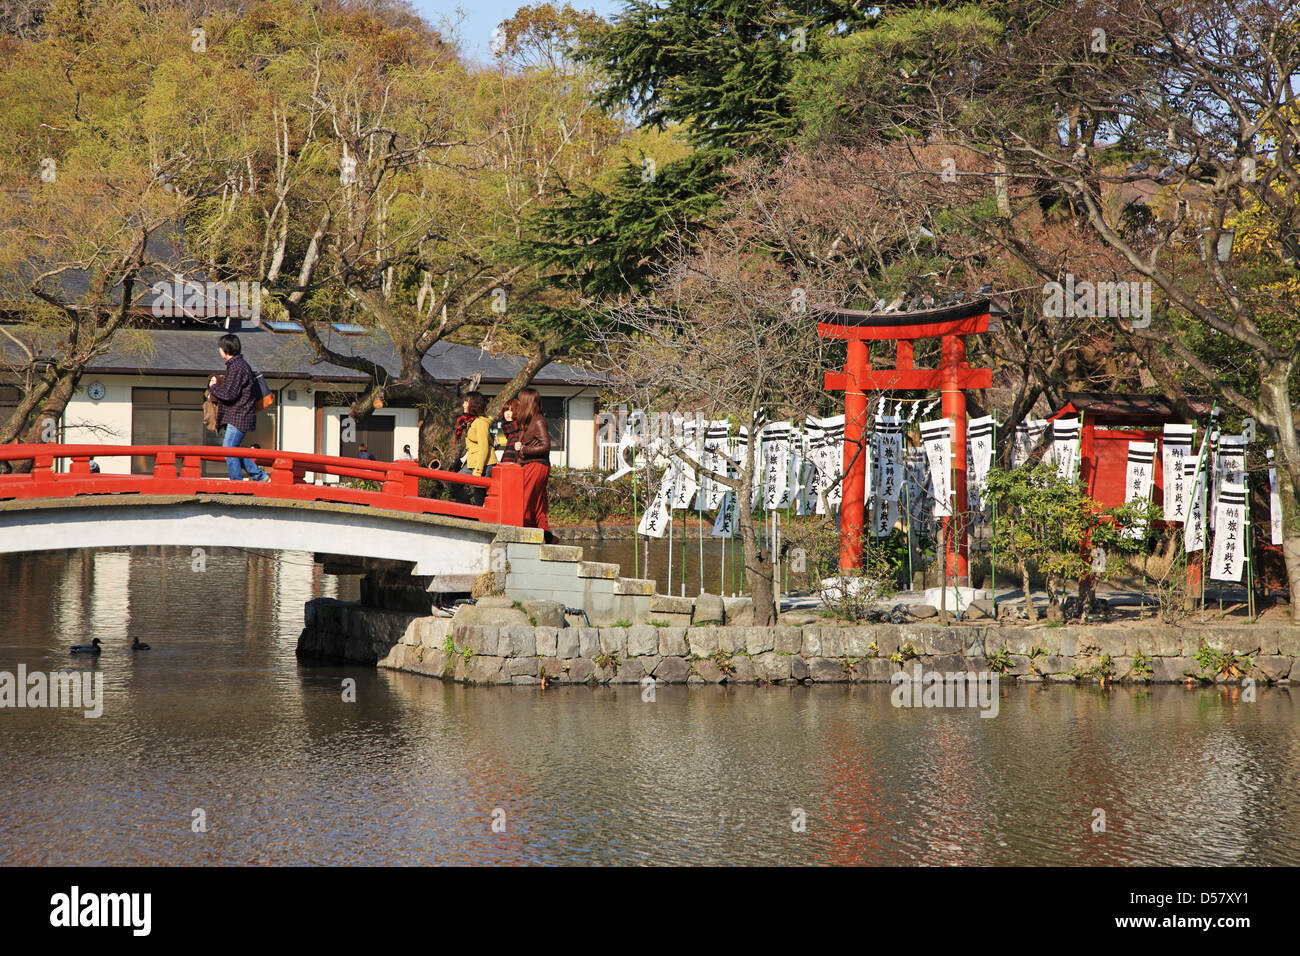 Japan, Kanagawa Prefecture, Kamakura, Tsurugaoka Hachimangu Shrine - Stock Image